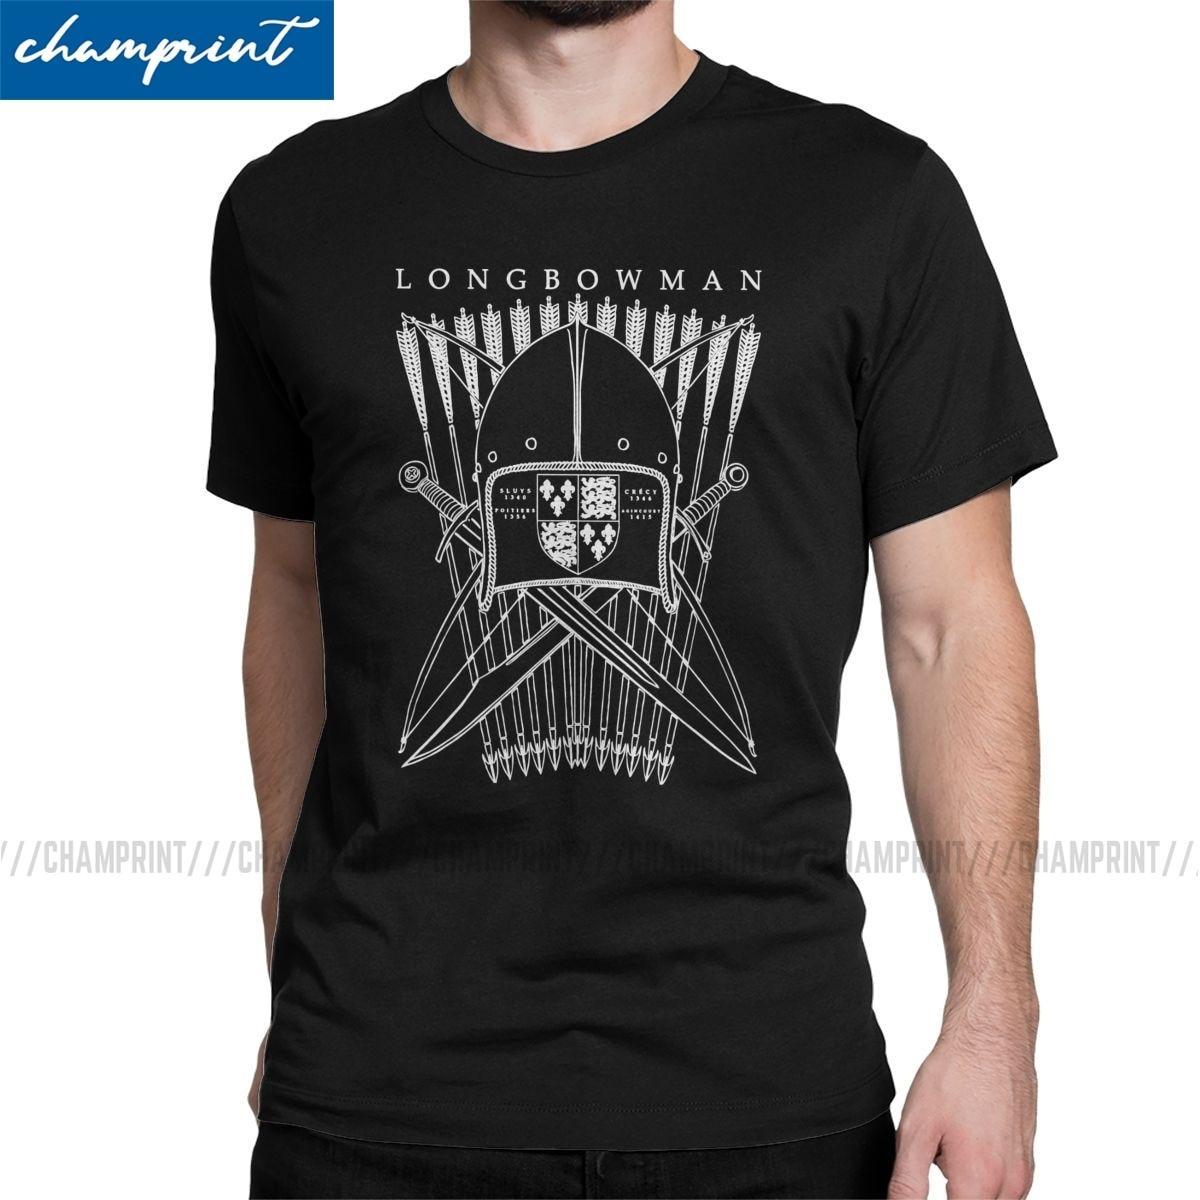 Camiseta con diseño de Longbowman para hombre, camisetas de manga corta de arquería arco flecha Archer Deportes de caza Crazy, ropa clásica